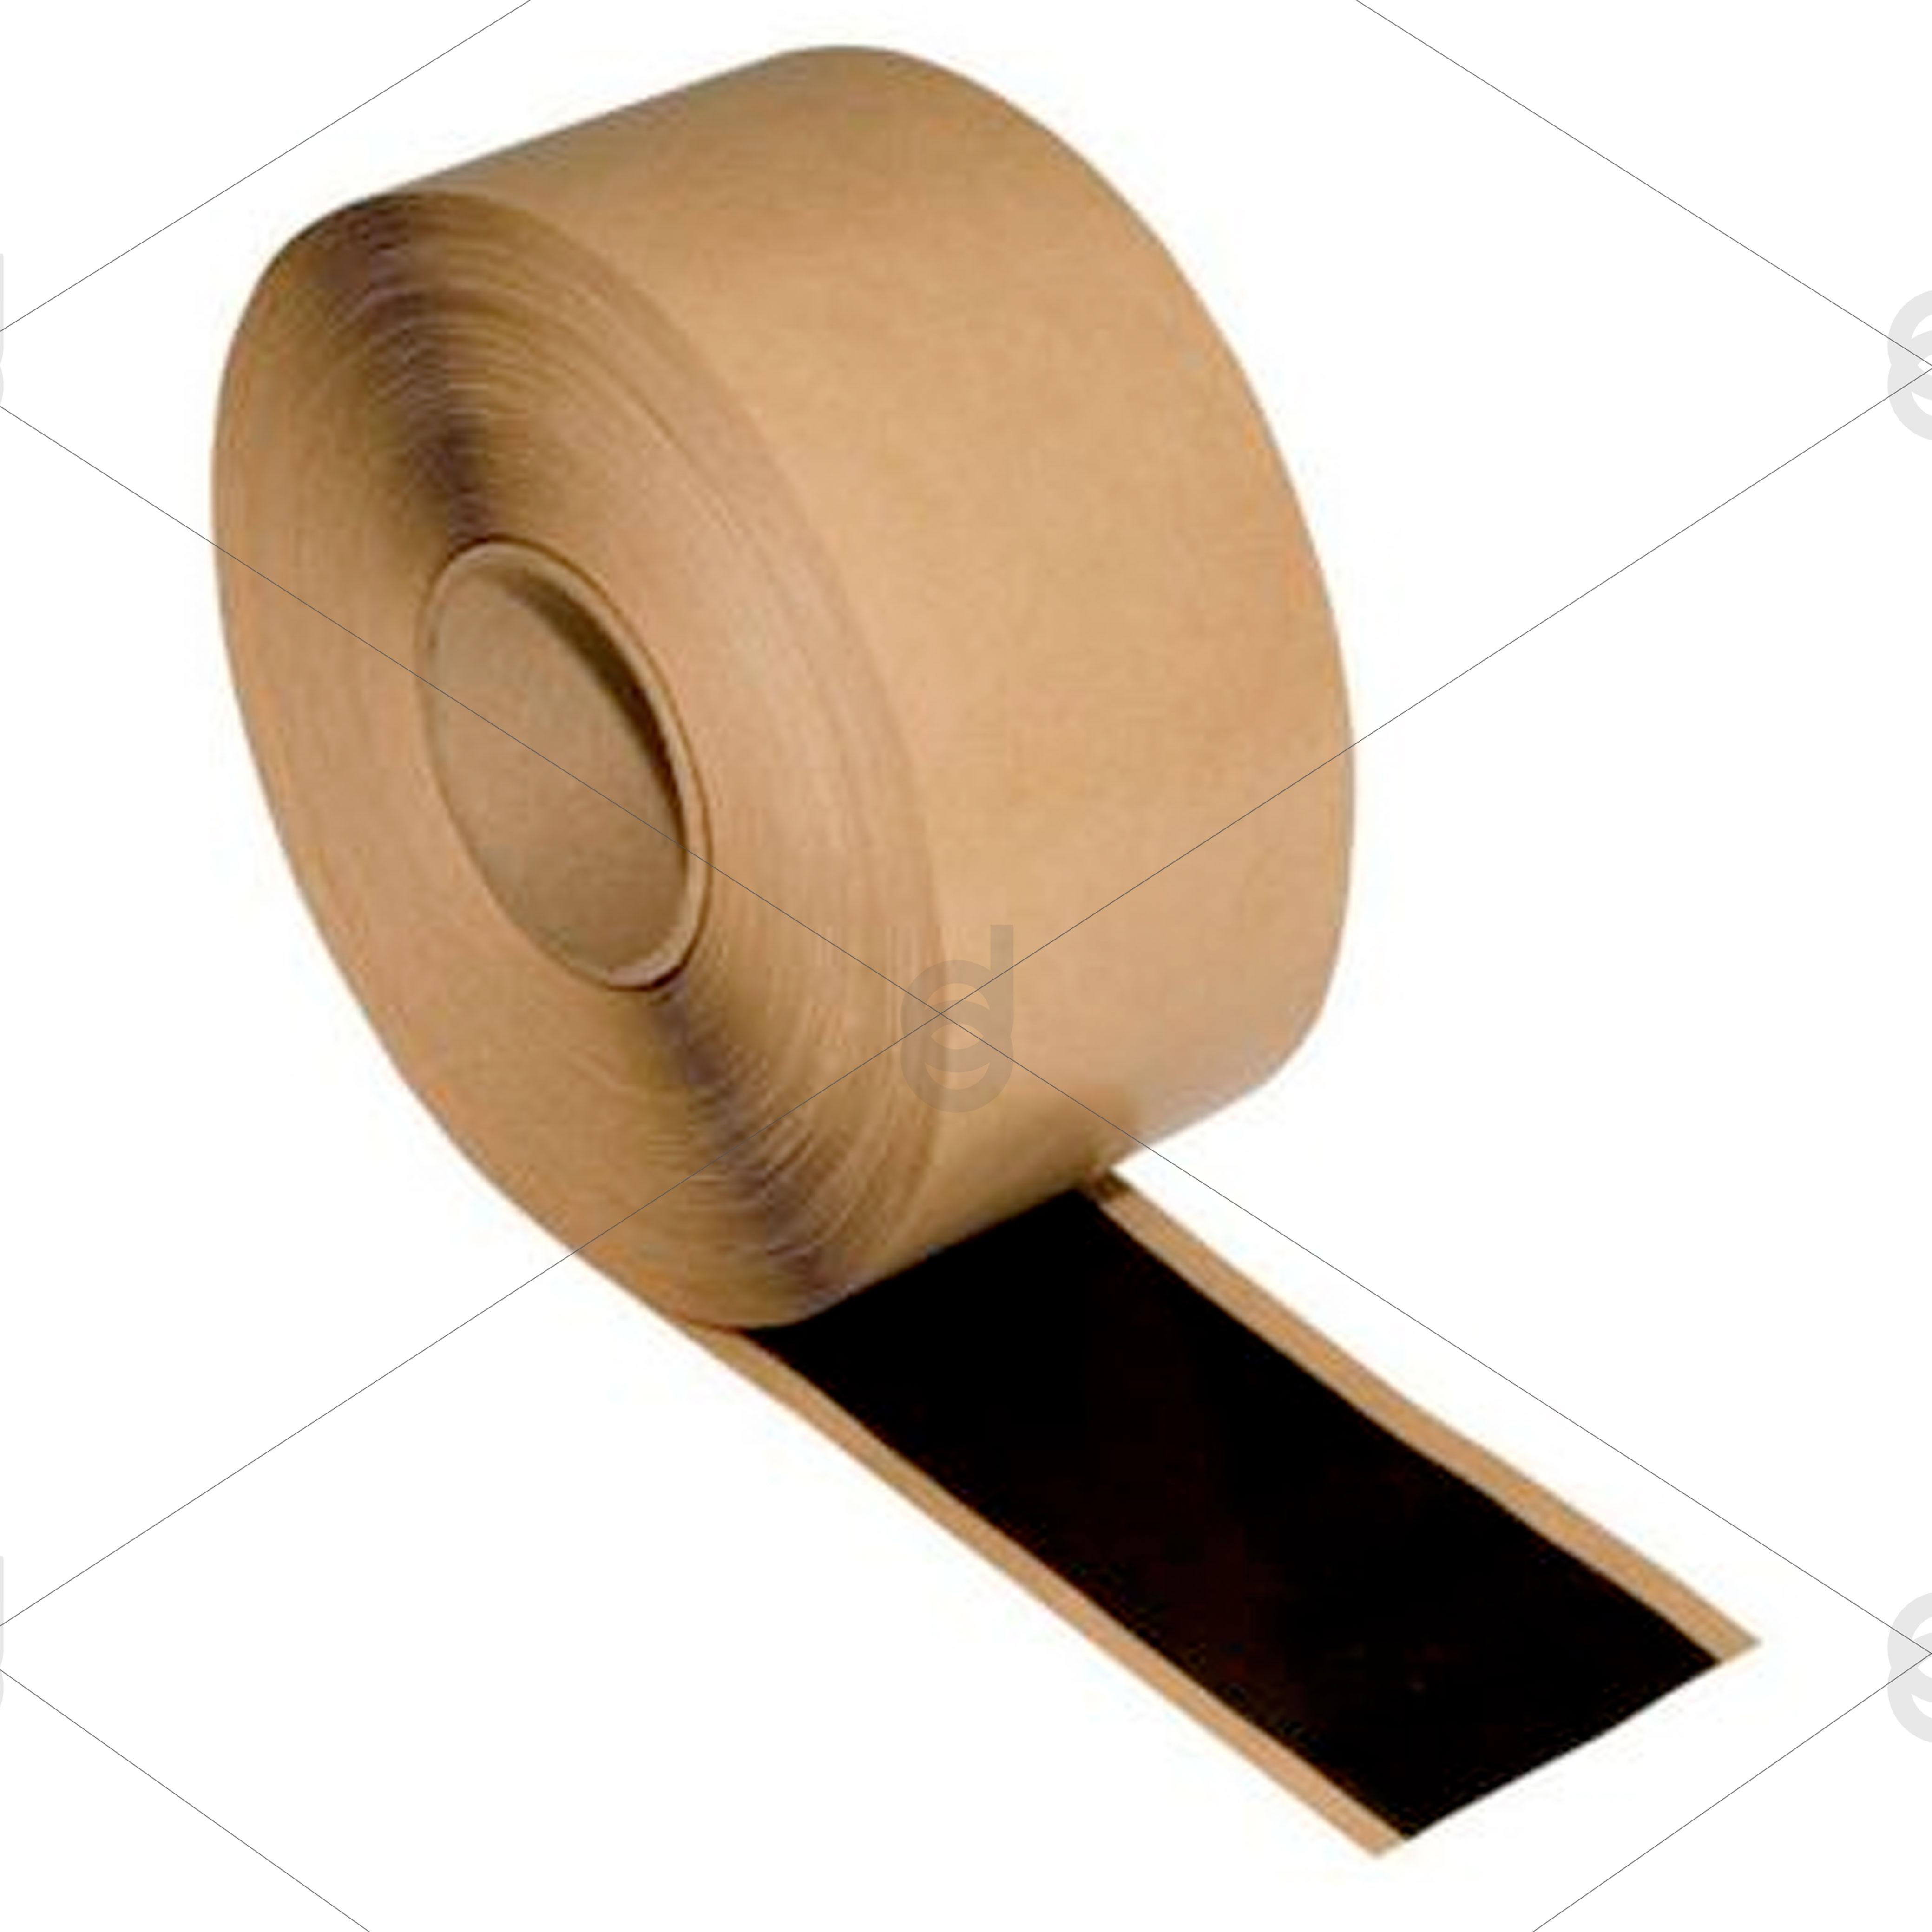 bande joint de 15 cm adh sive pour jonctions des membranes. Black Bedroom Furniture Sets. Home Design Ideas